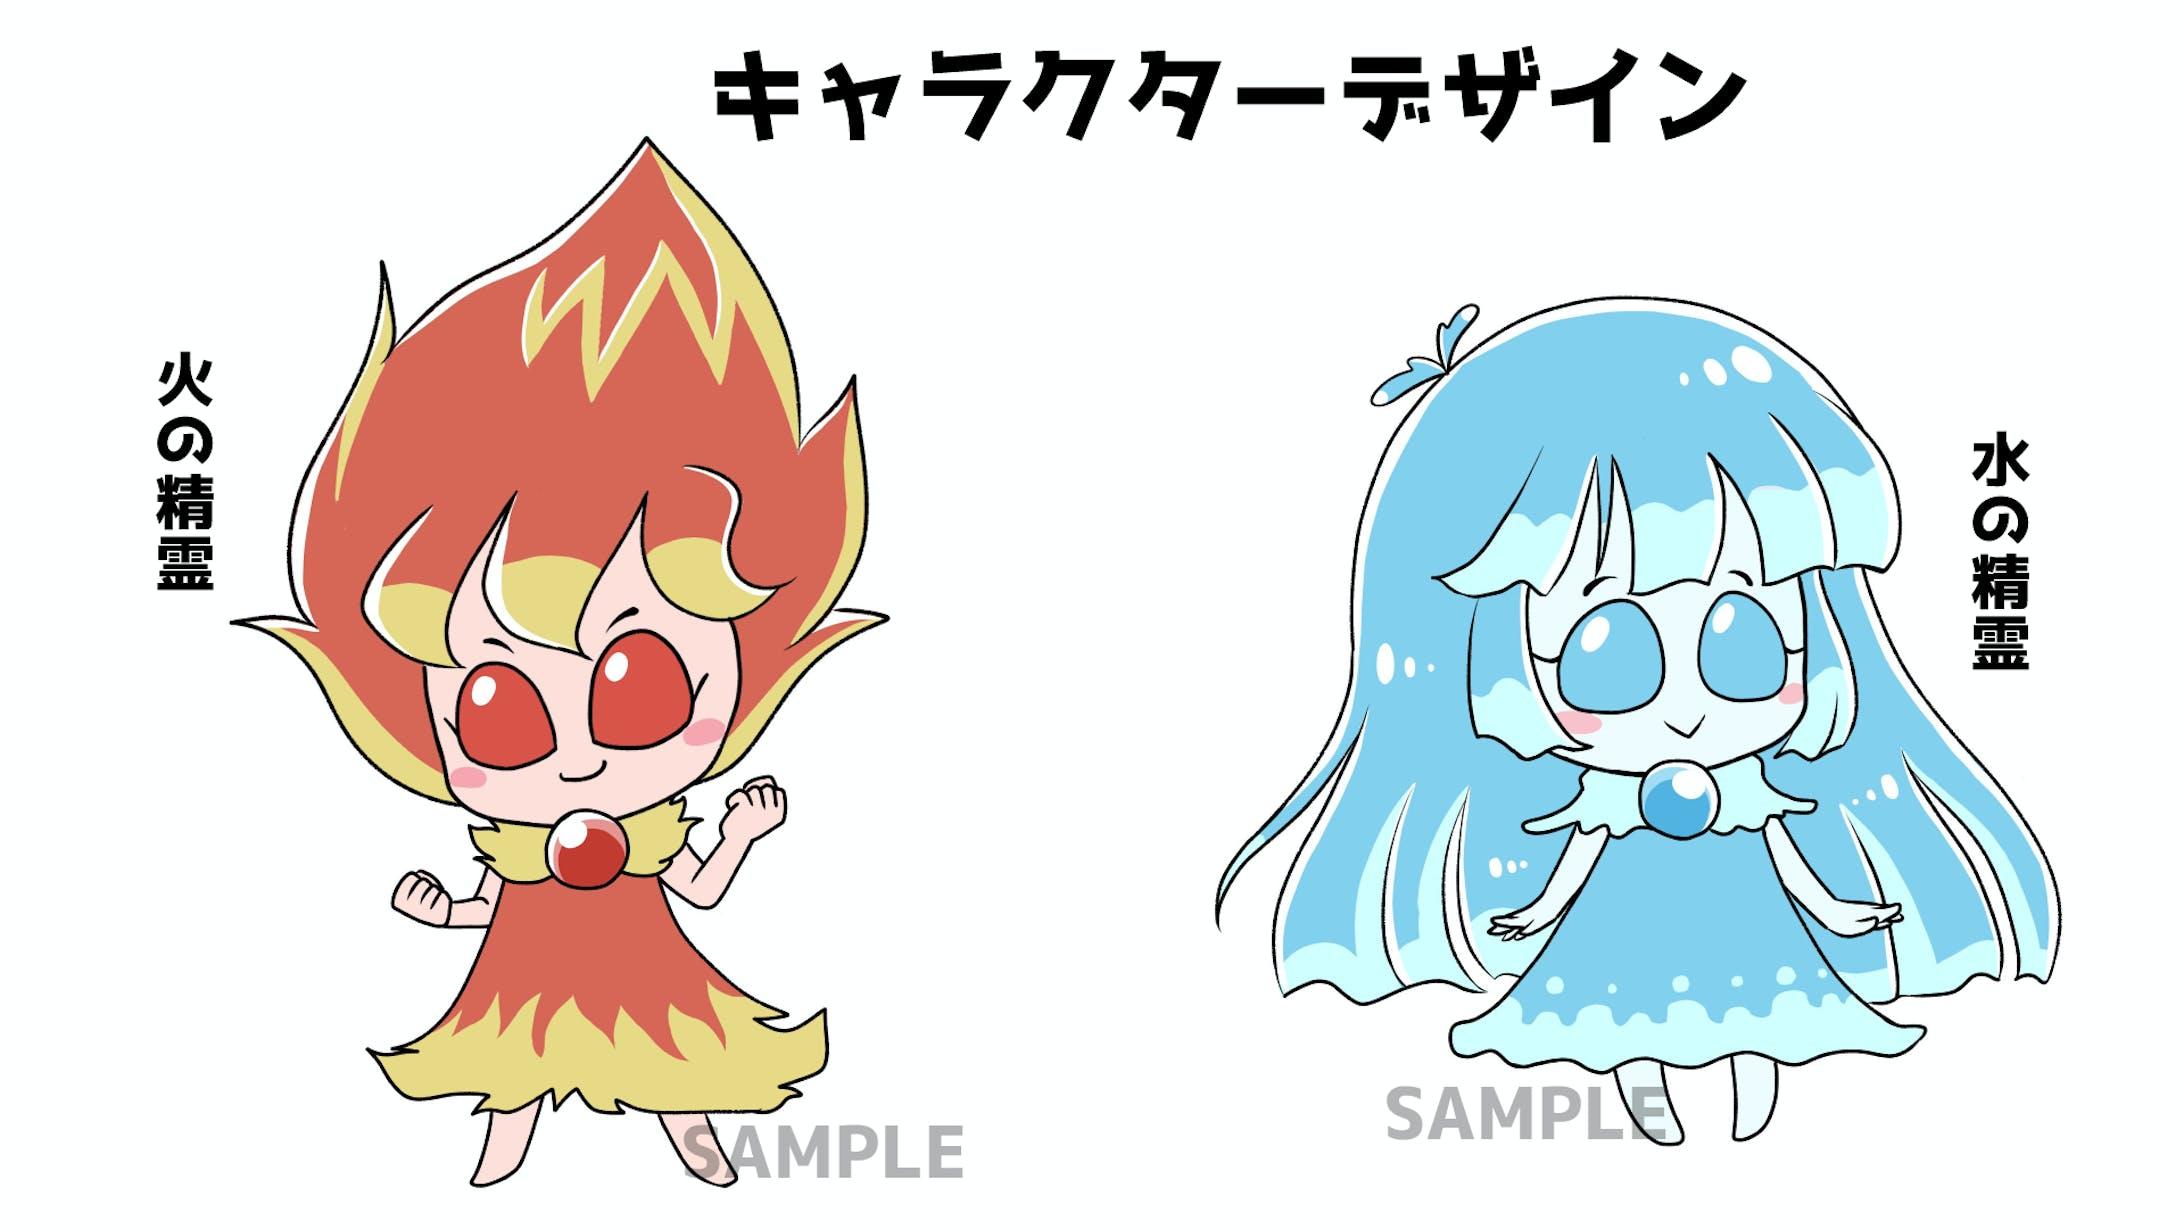 キャラクターデザイン-1